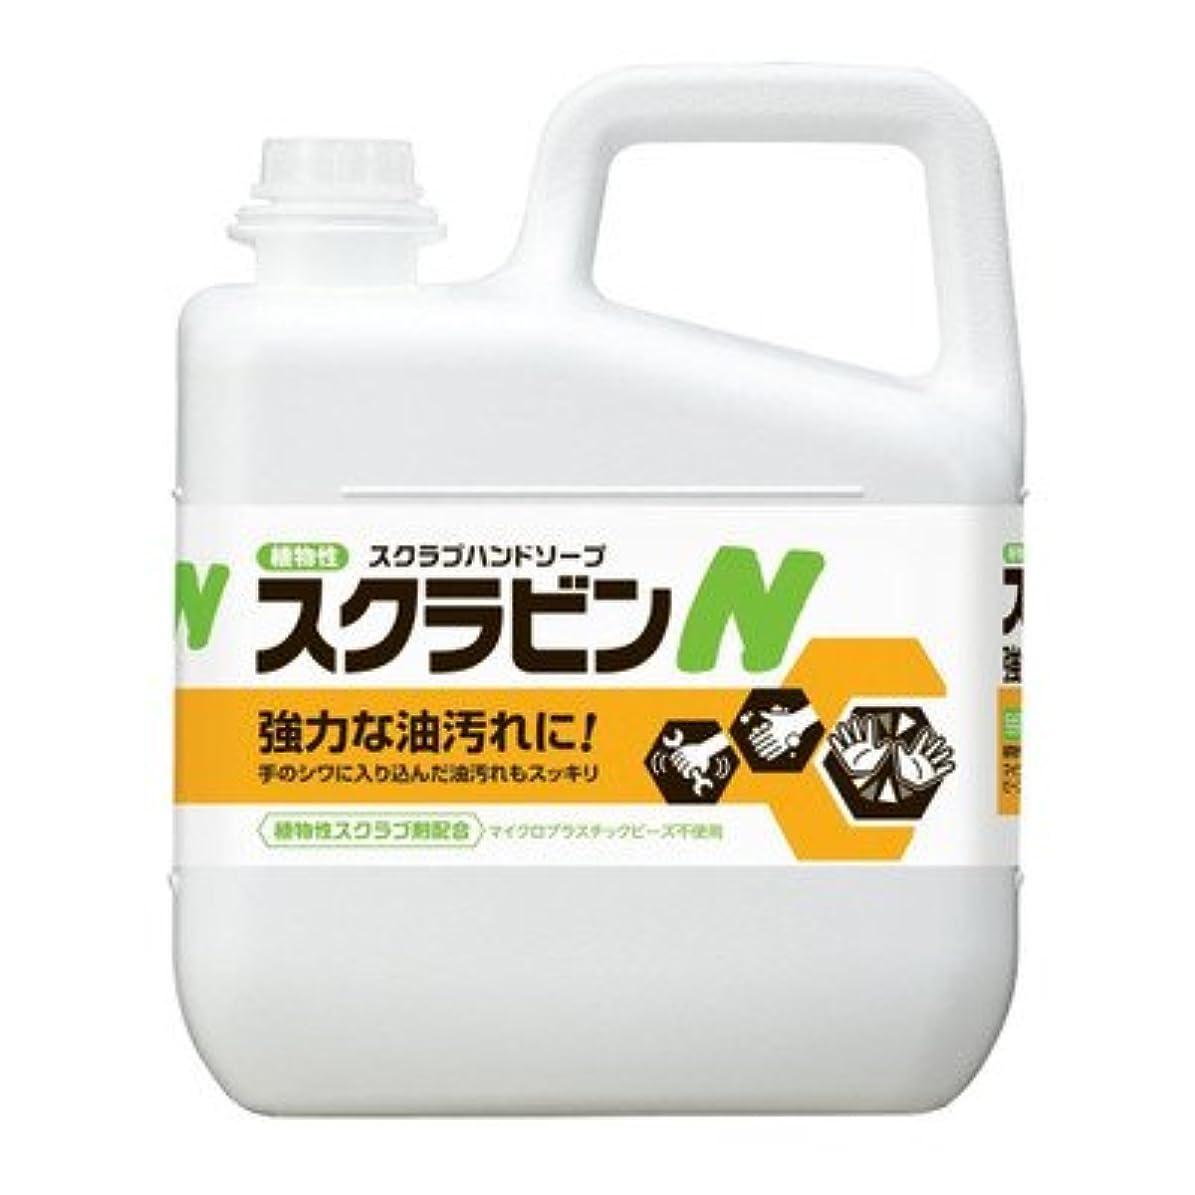 唯一休日にパイル環境と手肌に優しく油汚れを落とす植物性スクラブハンドソープ サラヤ 植物性スクラブハンドソープ スクラビンN 5kg 23155